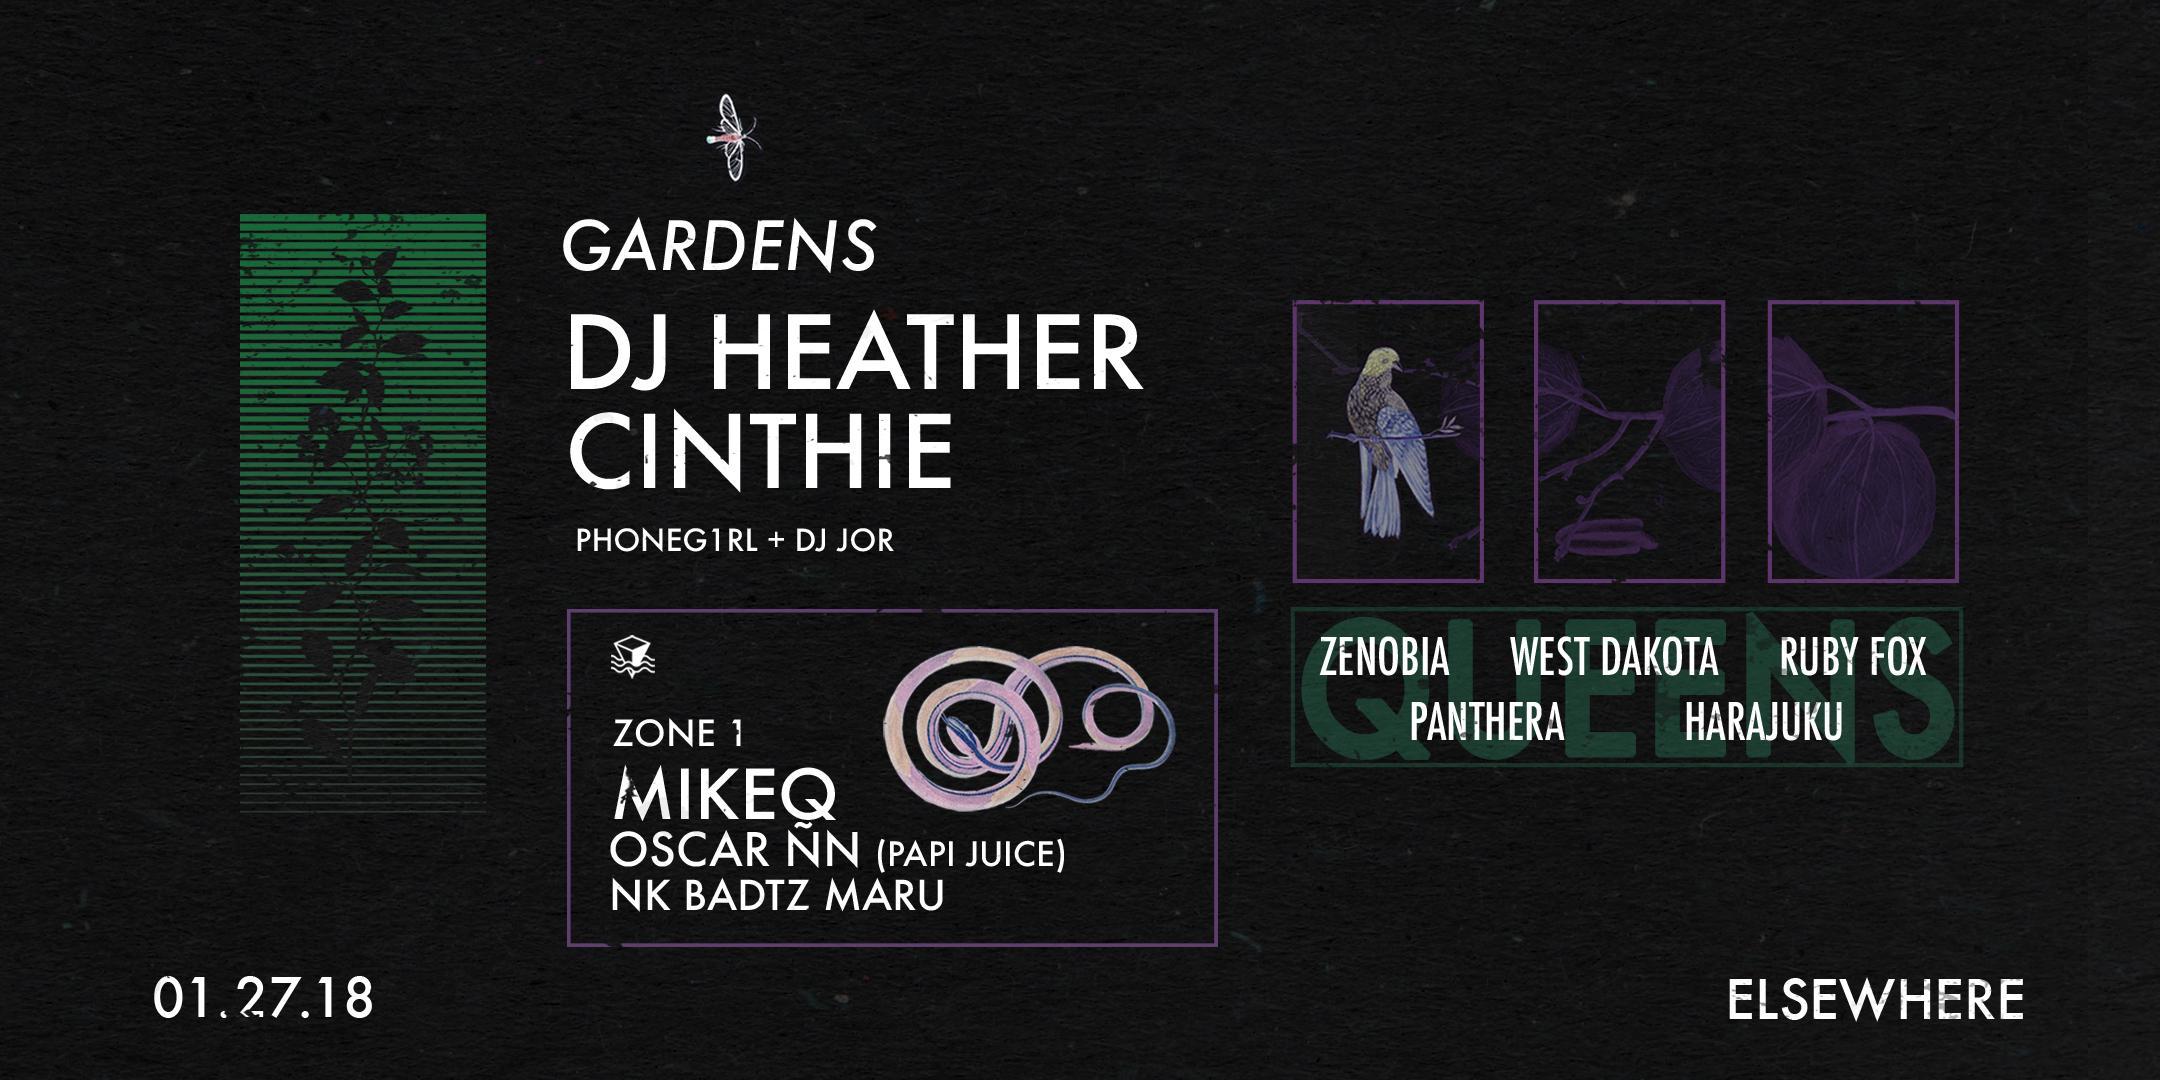 Gardens presents: DJ Heather, Cinthie, MikeQ + more